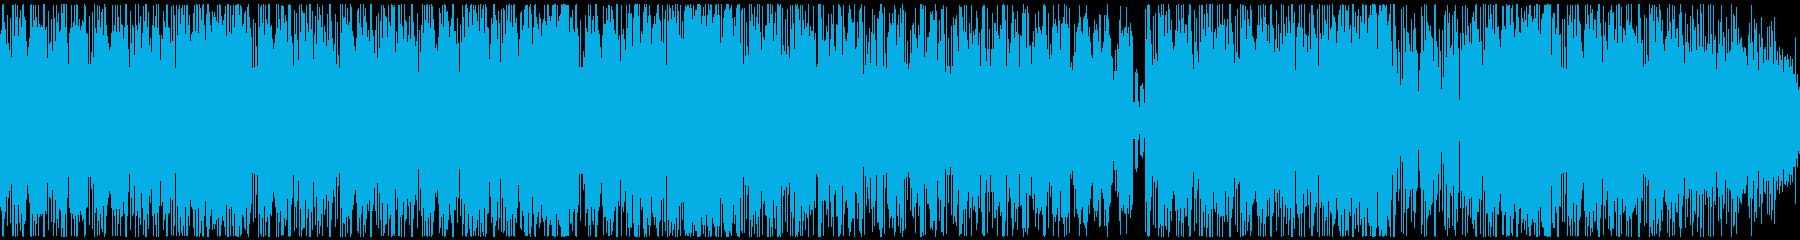 レースゲーム、アミューズメント用BGMの再生済みの波形